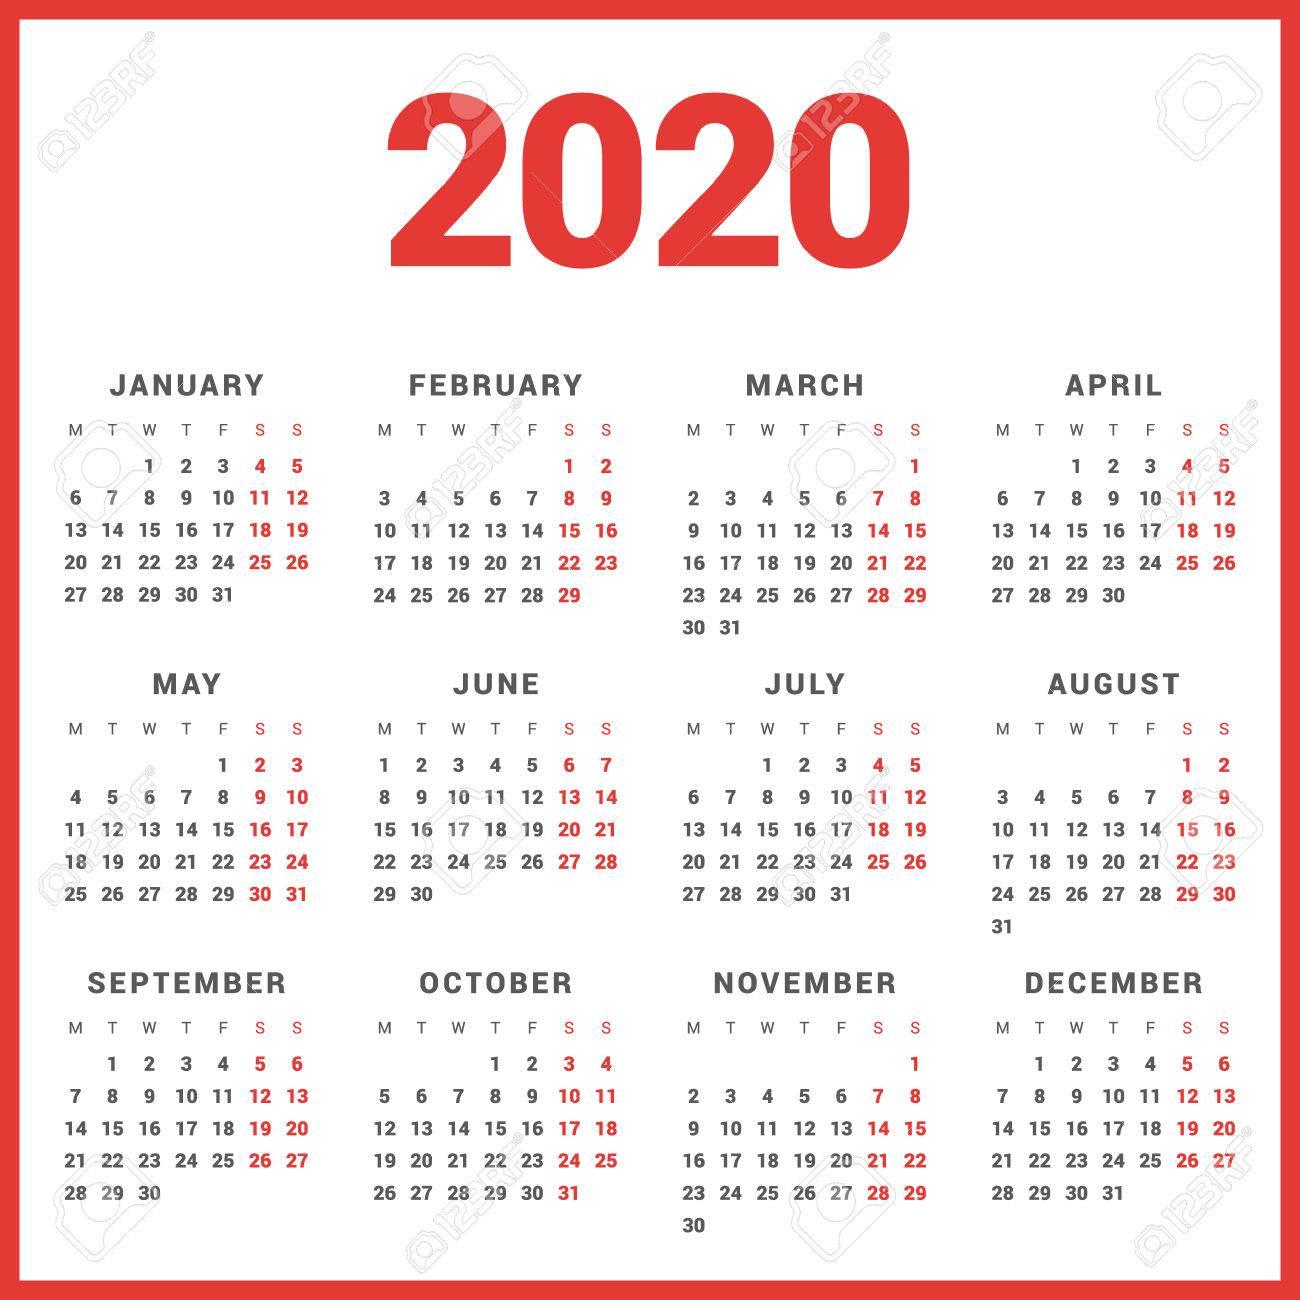 Ano 2020 Calendario.Calendario Para El Ano 2020 En El Fondo Blanco La Semana Comienza El Lunes Plantilla Simple Del Vector Plantilla De Diseno De Papeleria